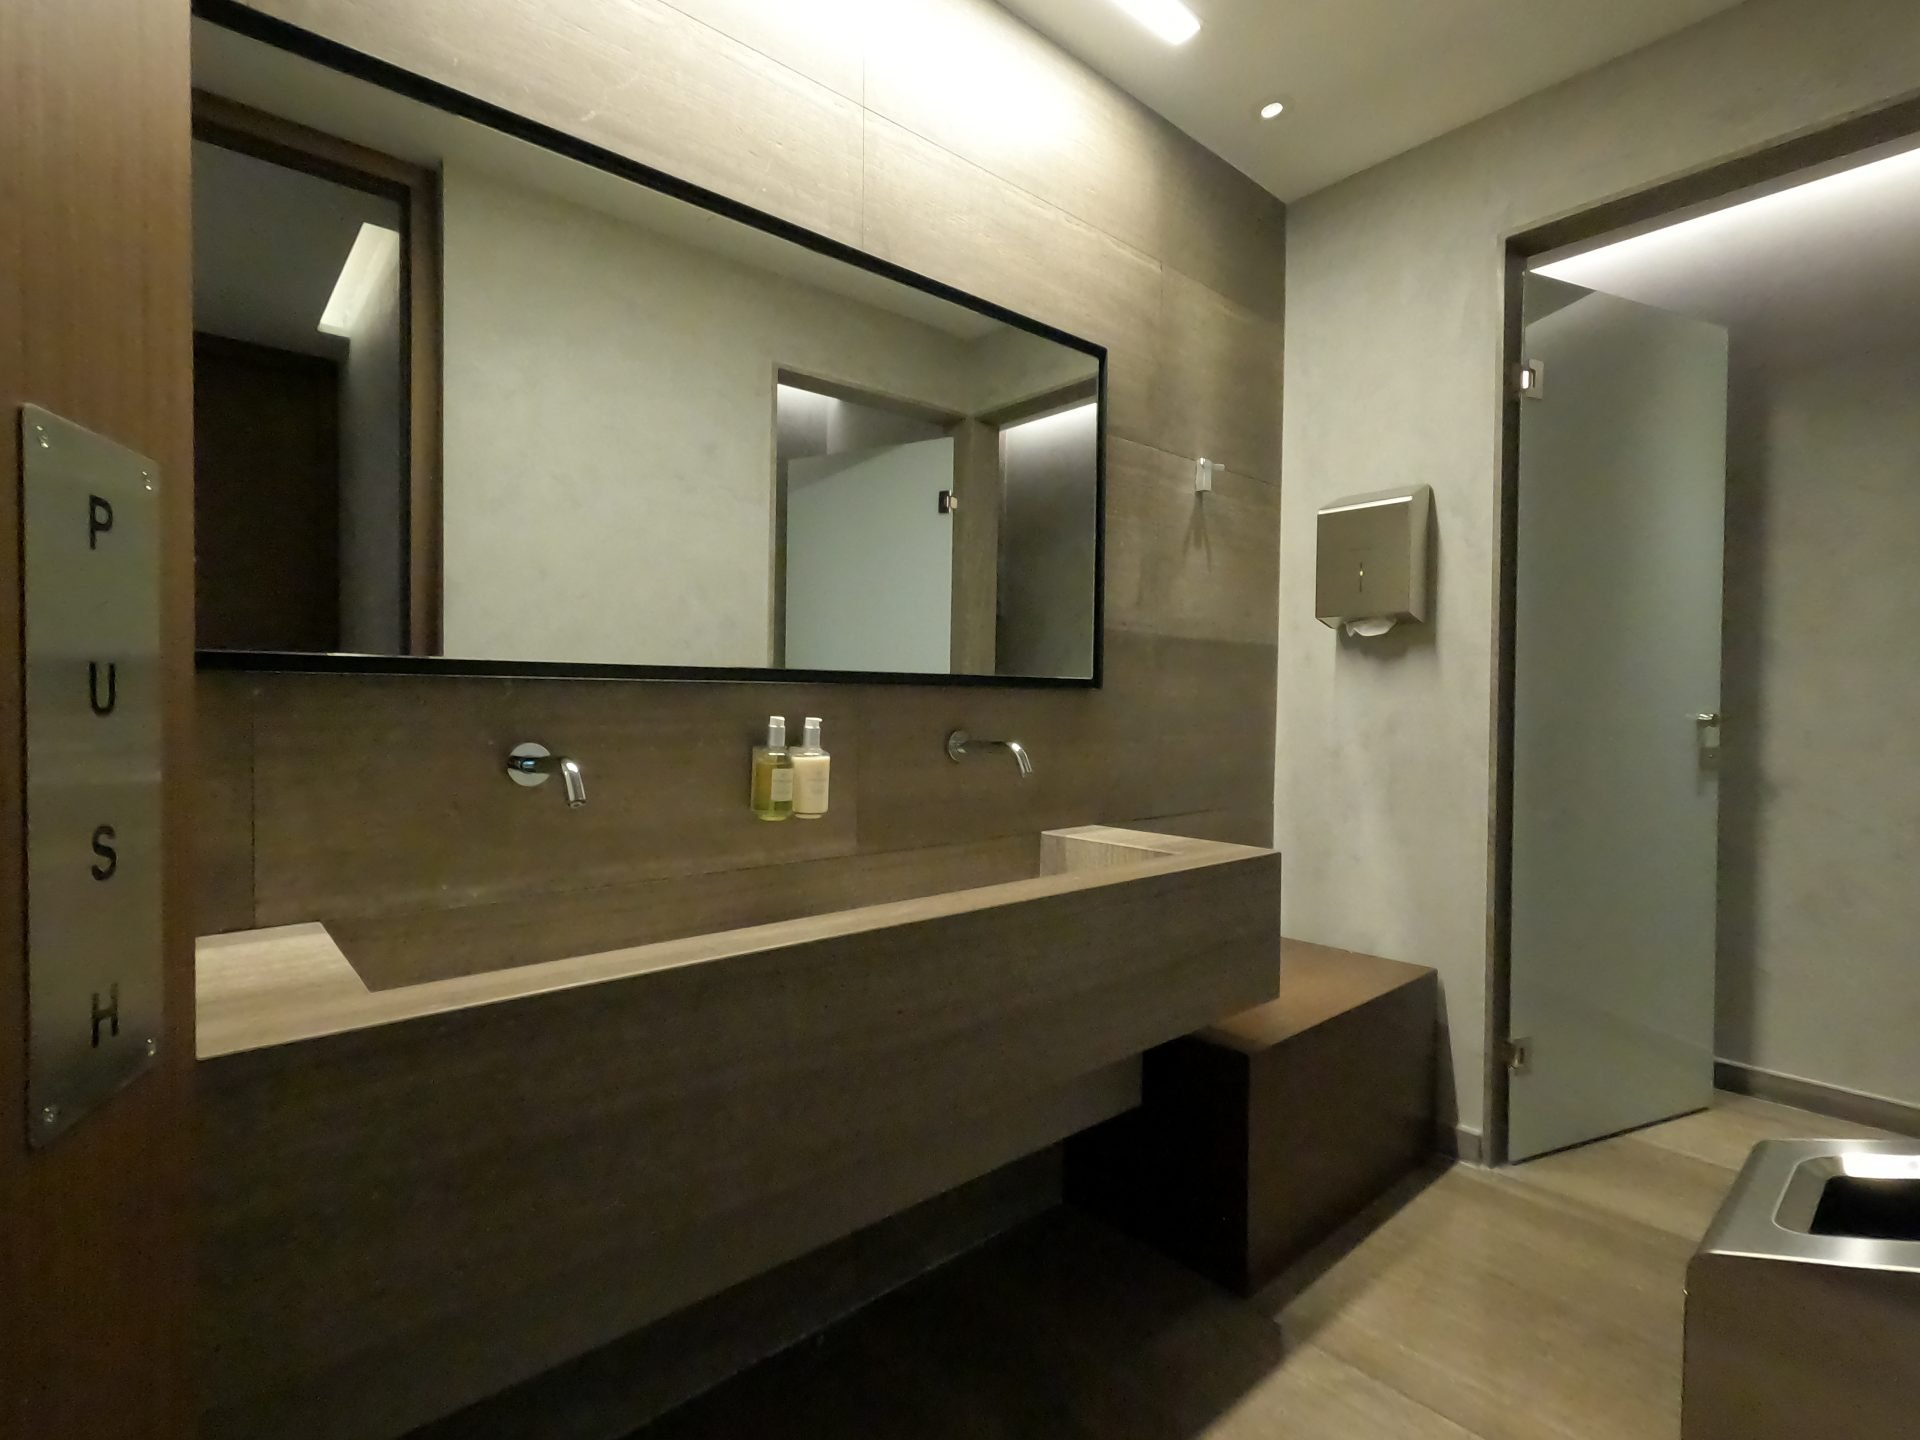 Locker room & restroom